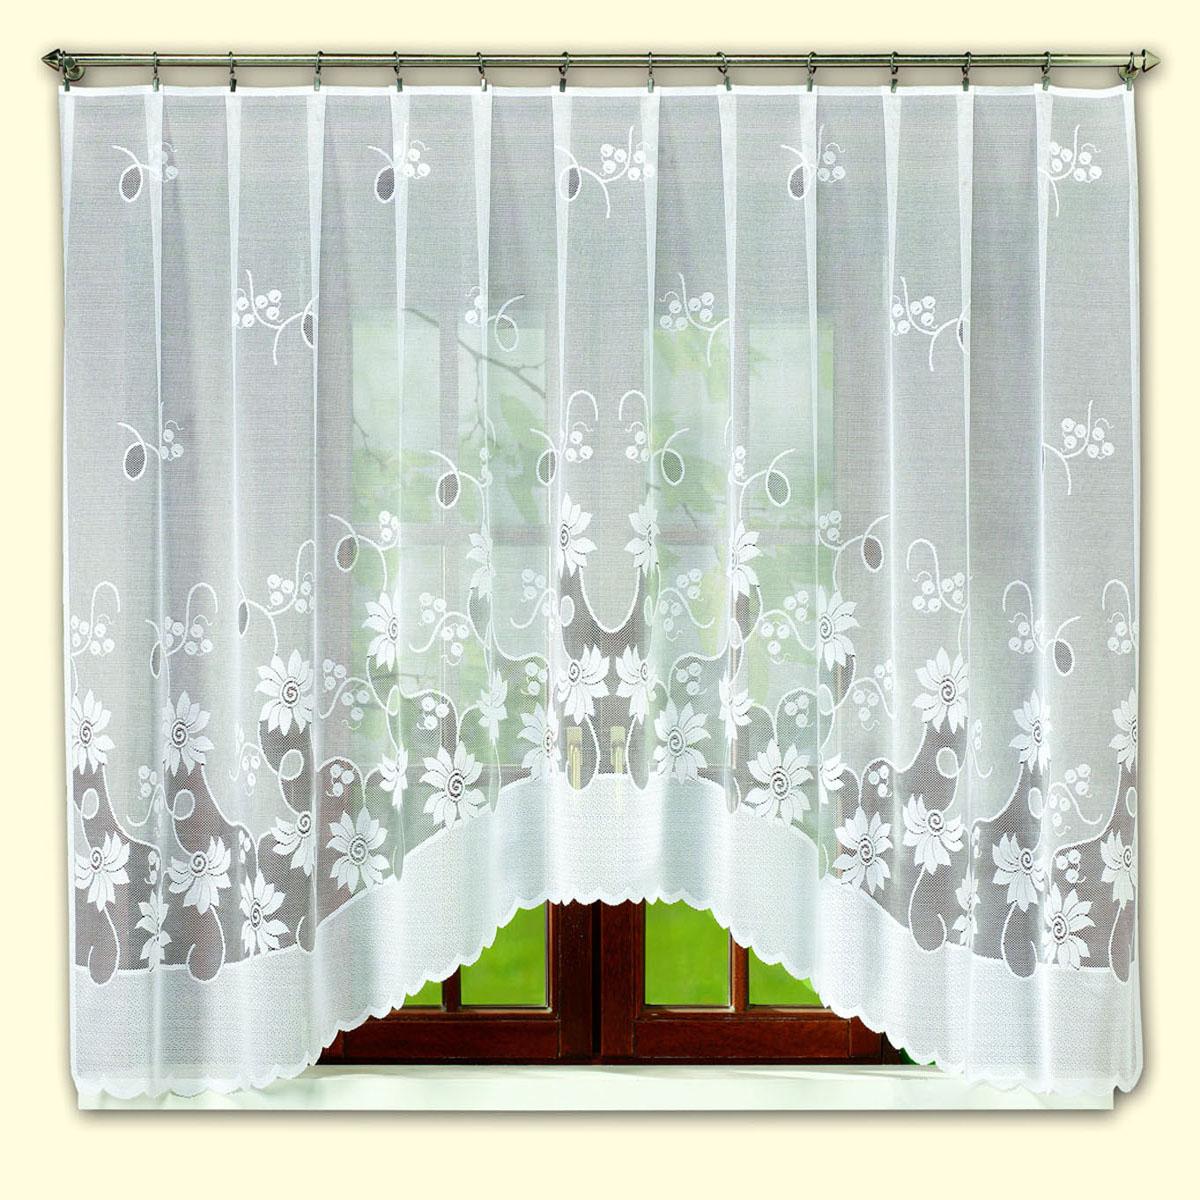 Гардина Haft, цвет: белый, ширина 400 см, высота 175 см. 46171/17546171/175жаккардовая гардина белого цвета на широкое окно Размеры: высота 175см*ширина 400см